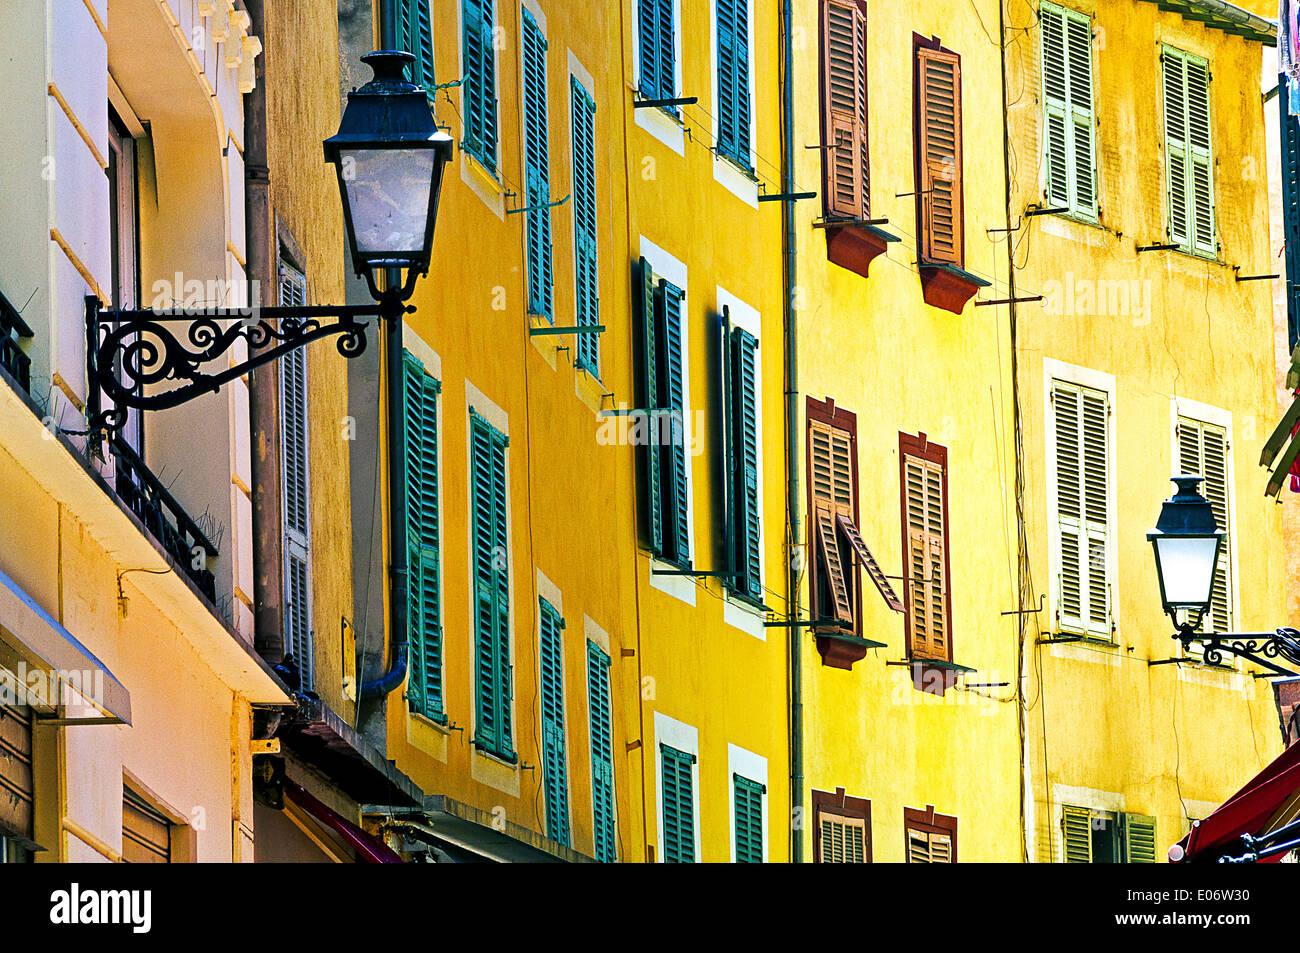 L'Europa, Francia, Alpes-Maritimes, Nizza. La facciata colorata della città vecchia. Immagini Stock